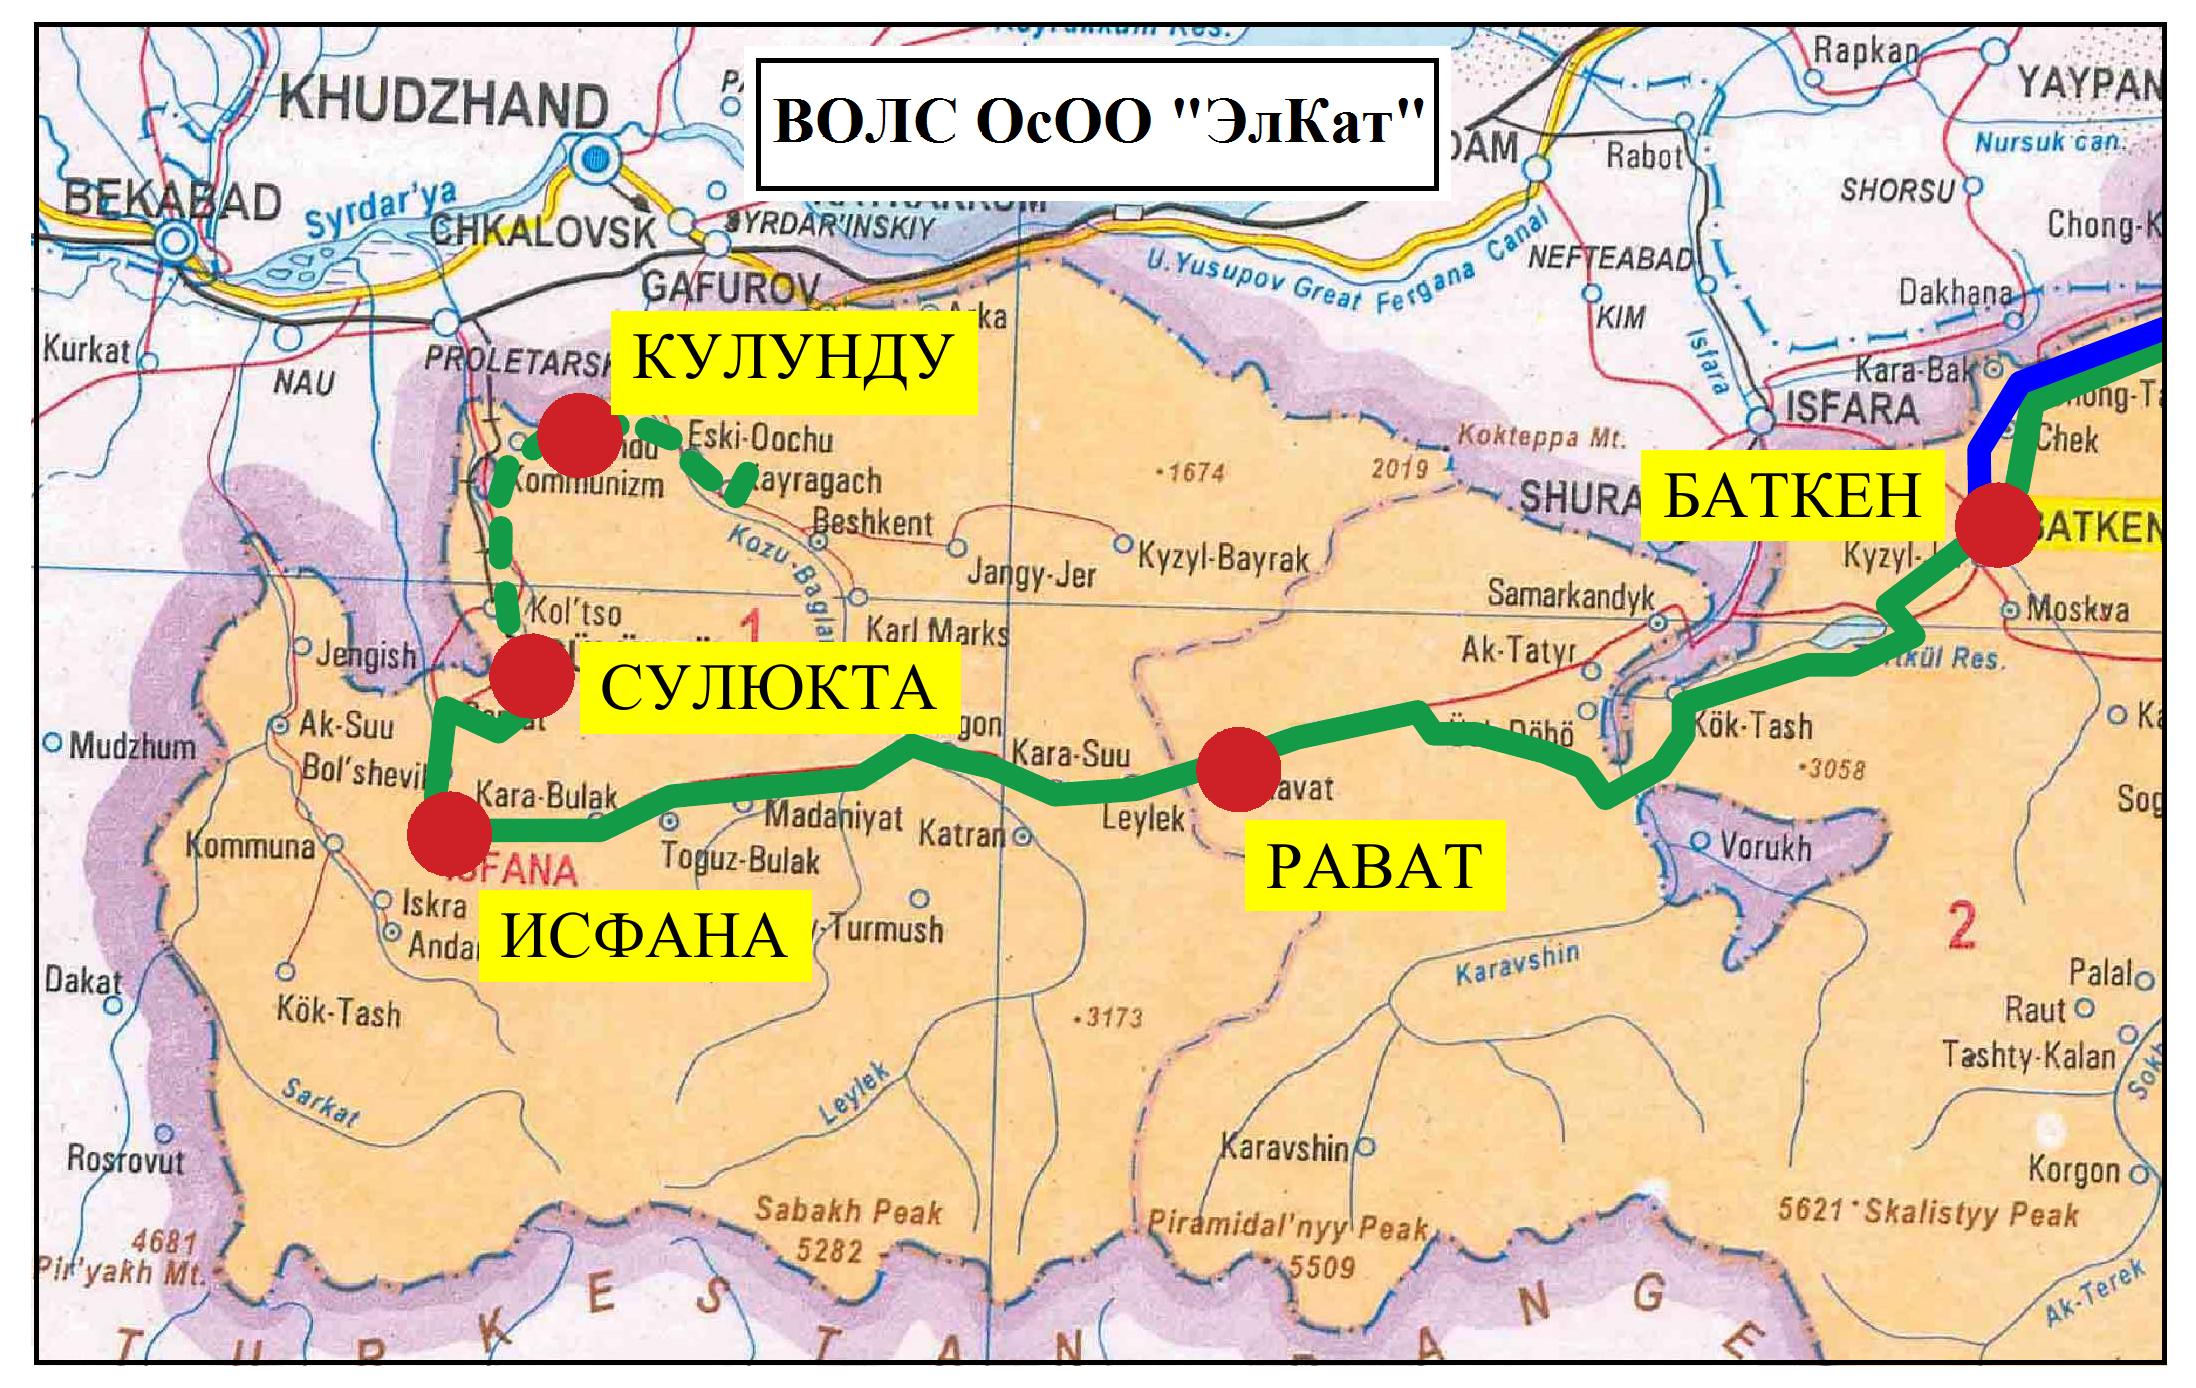 Обеспечение качественной связью в приграничных районах Баткенской области